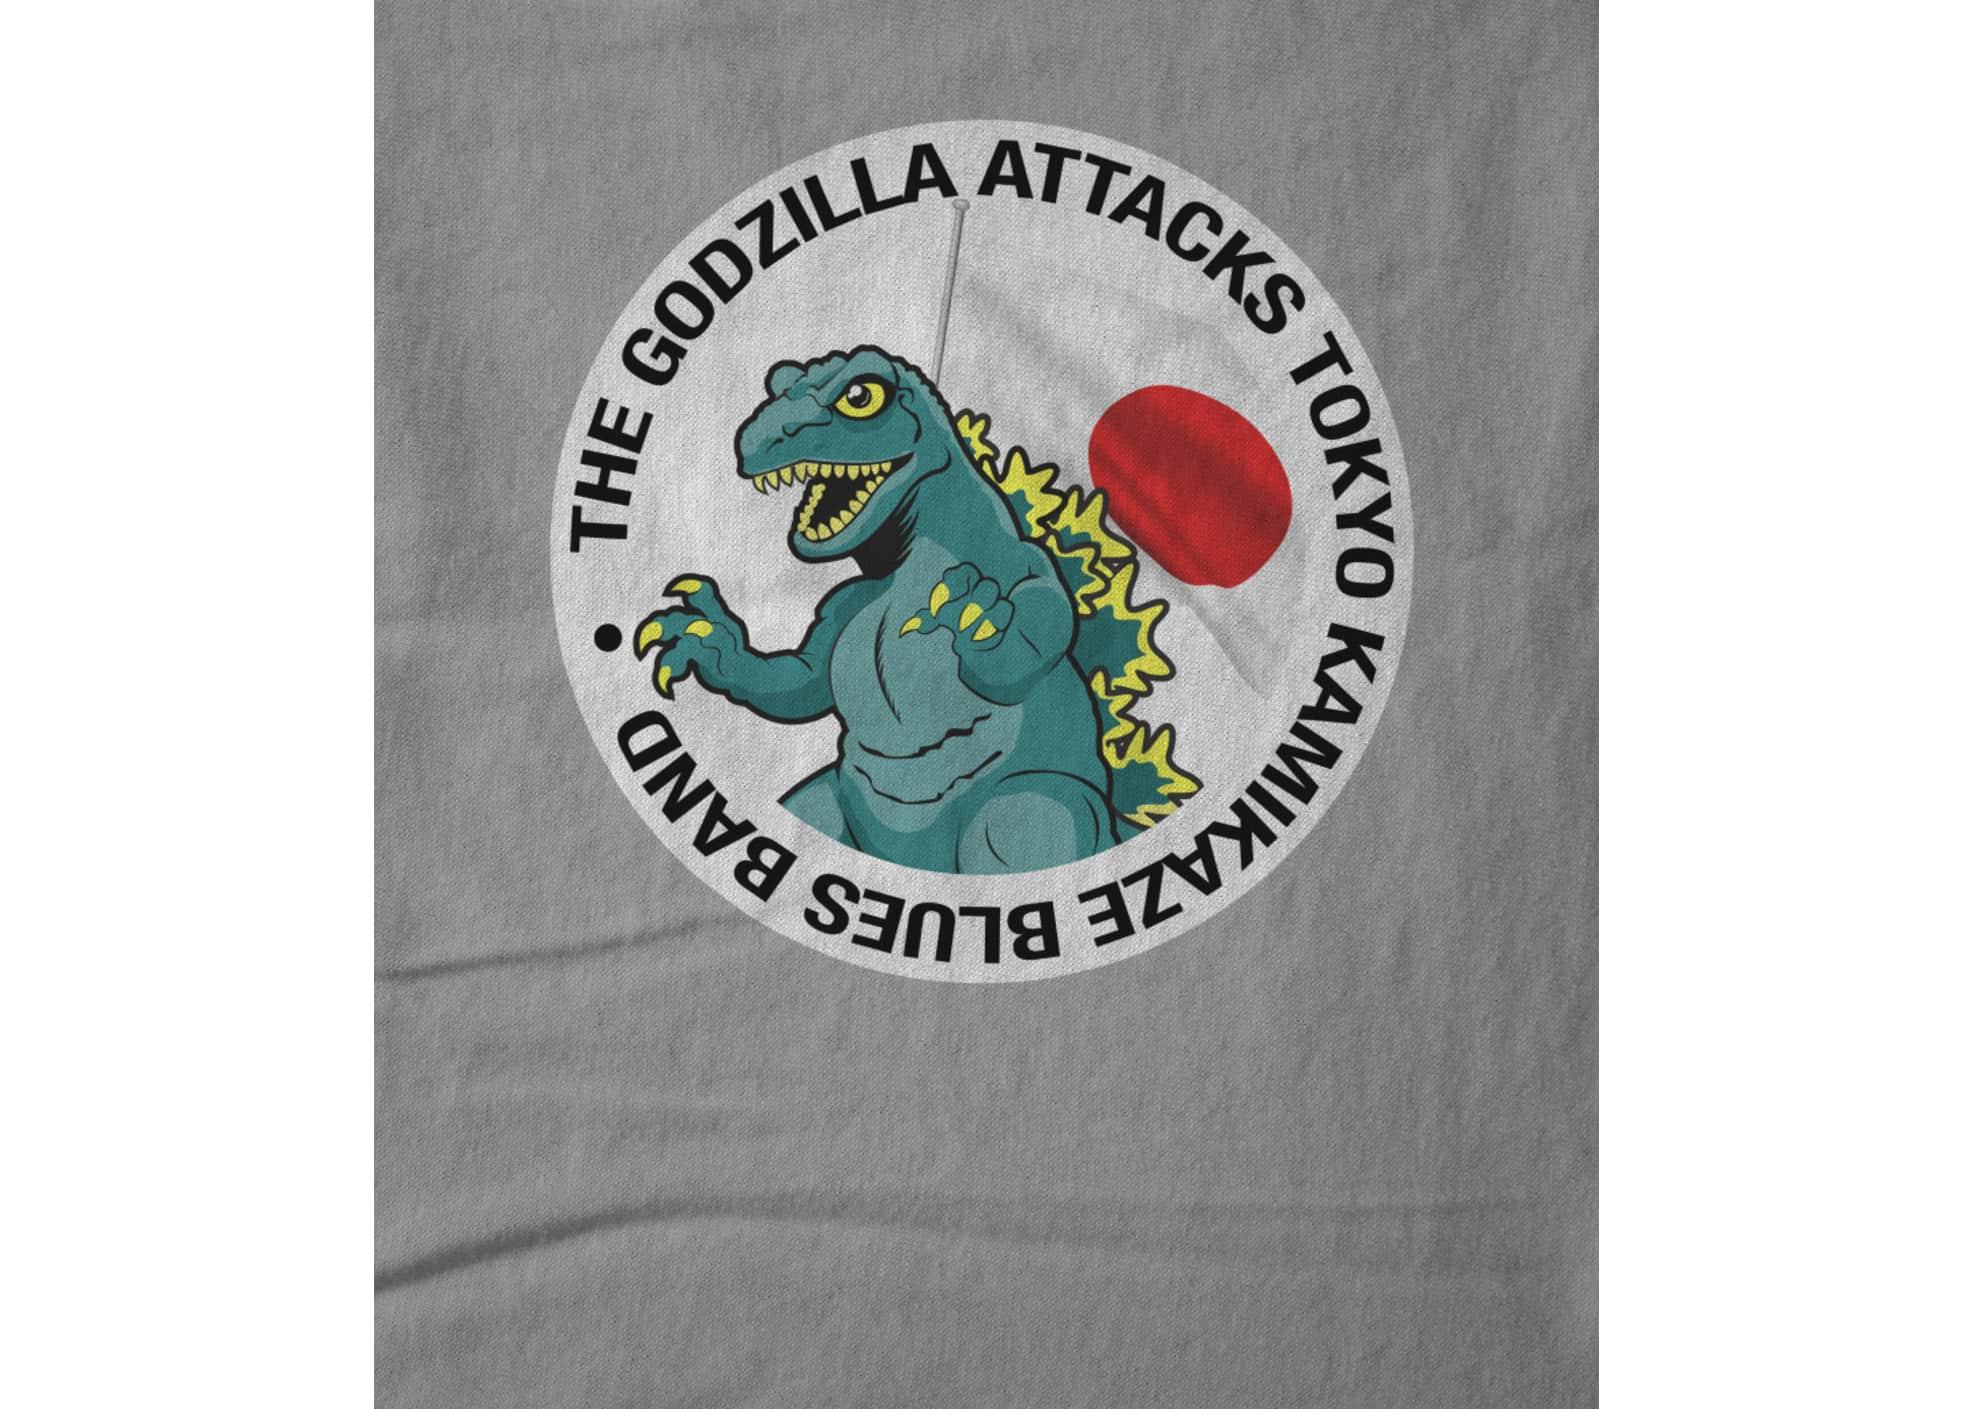 The godzilla attacks tokyo kamikaze blues band  godzilla logo tee 1601408911